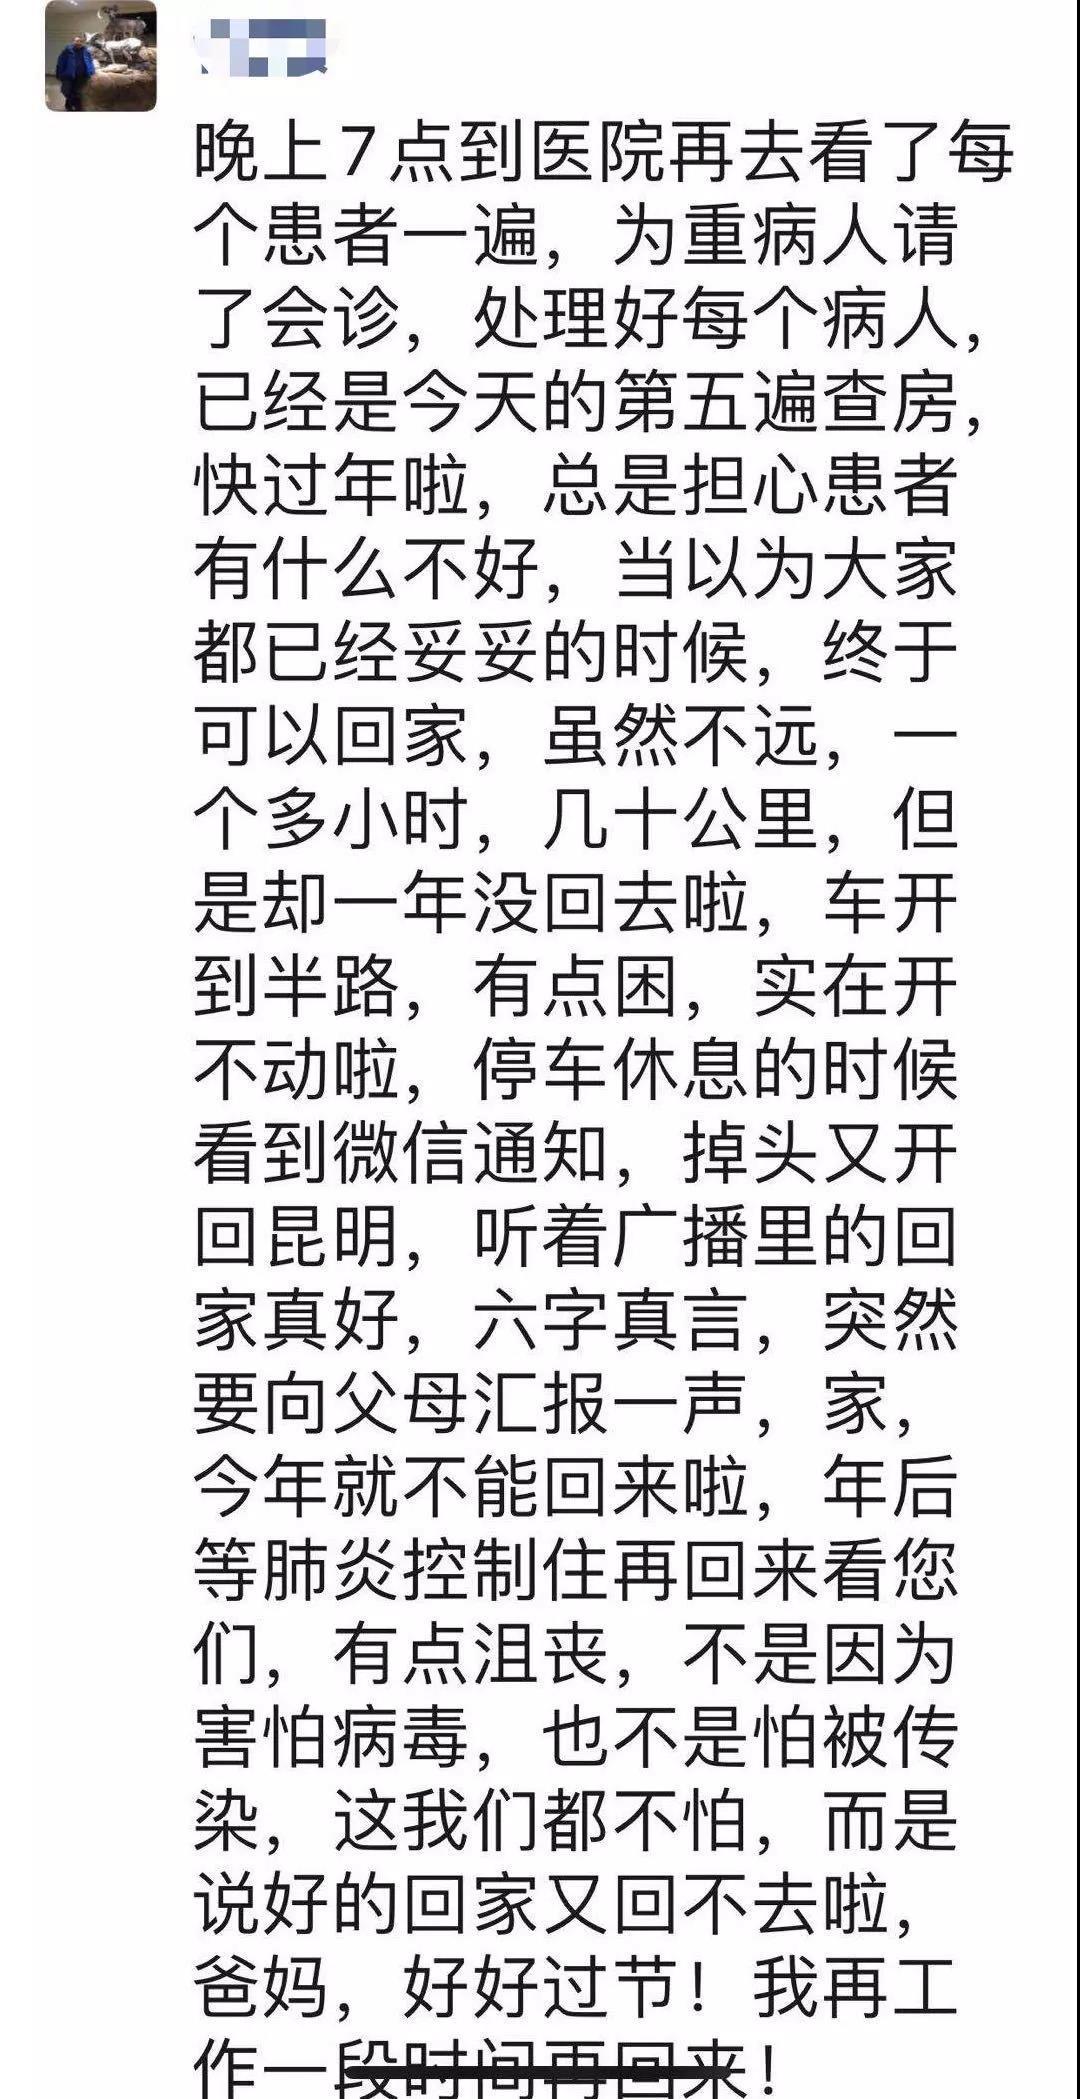 这些云南医务人员的朋友圈,看哭了……29.jpg